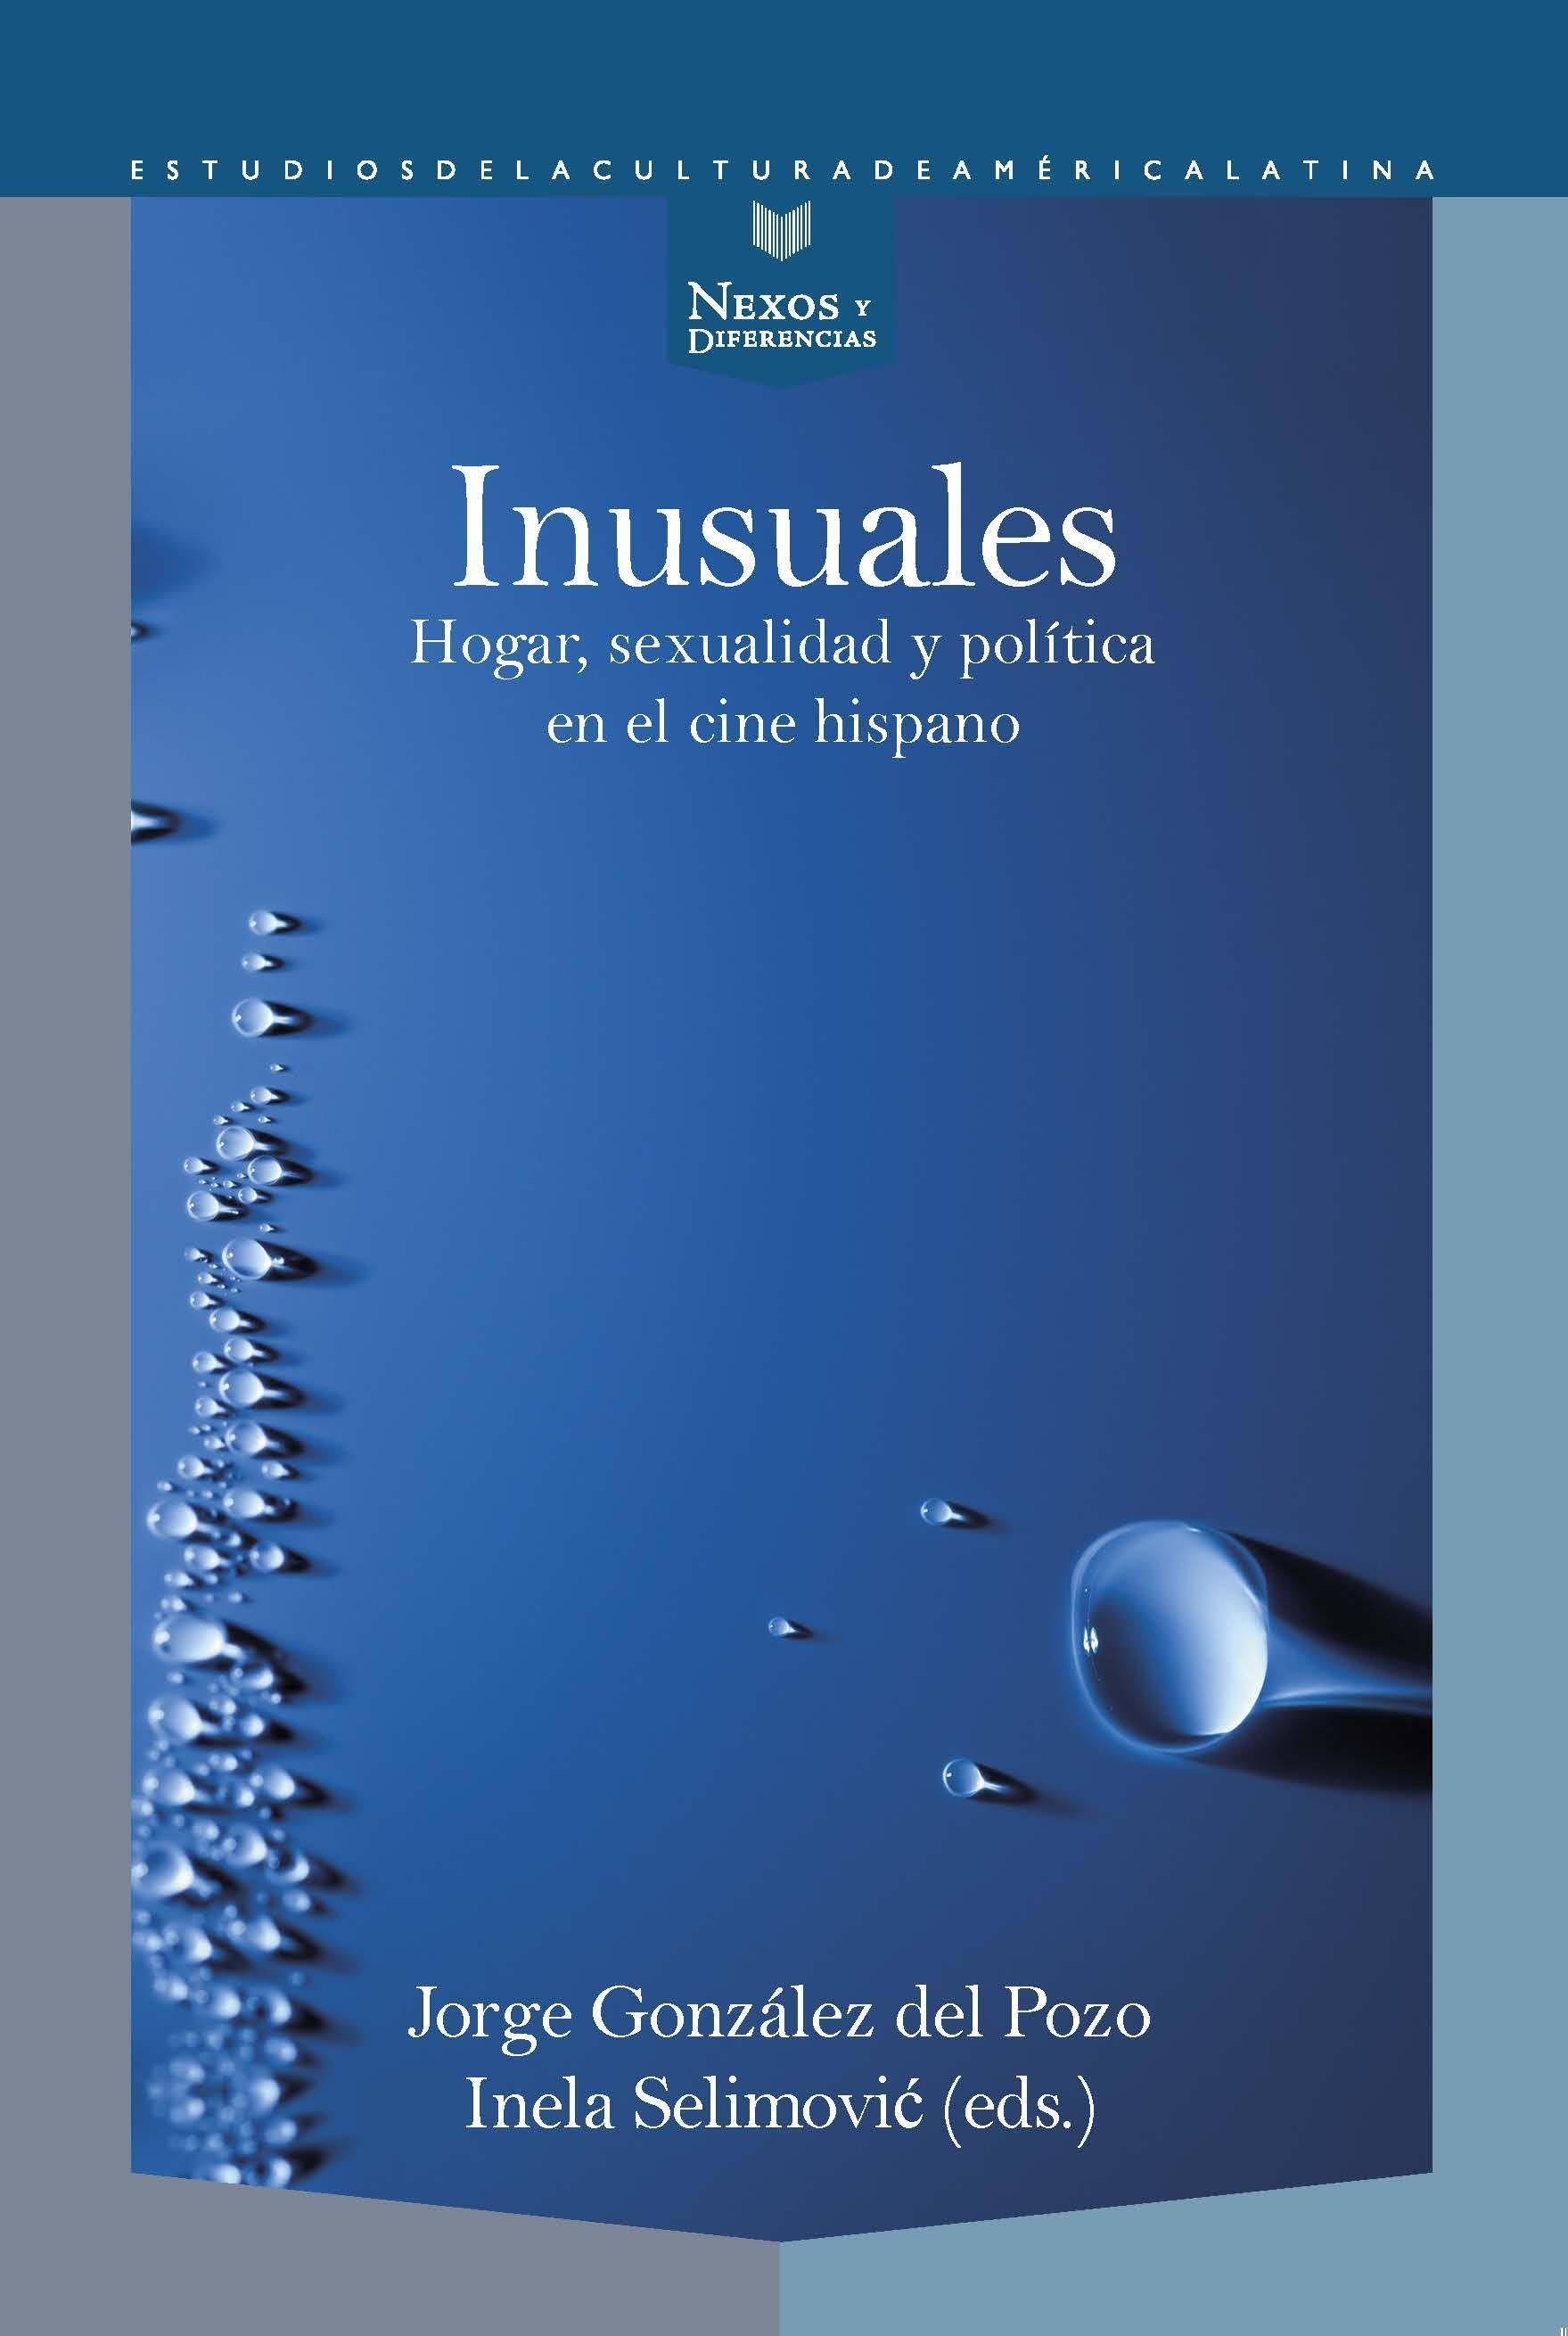 Inusuales : hogar, sexualidad y política en el cine hispano - González del Pozo, Jorge|Selimovic, Inela